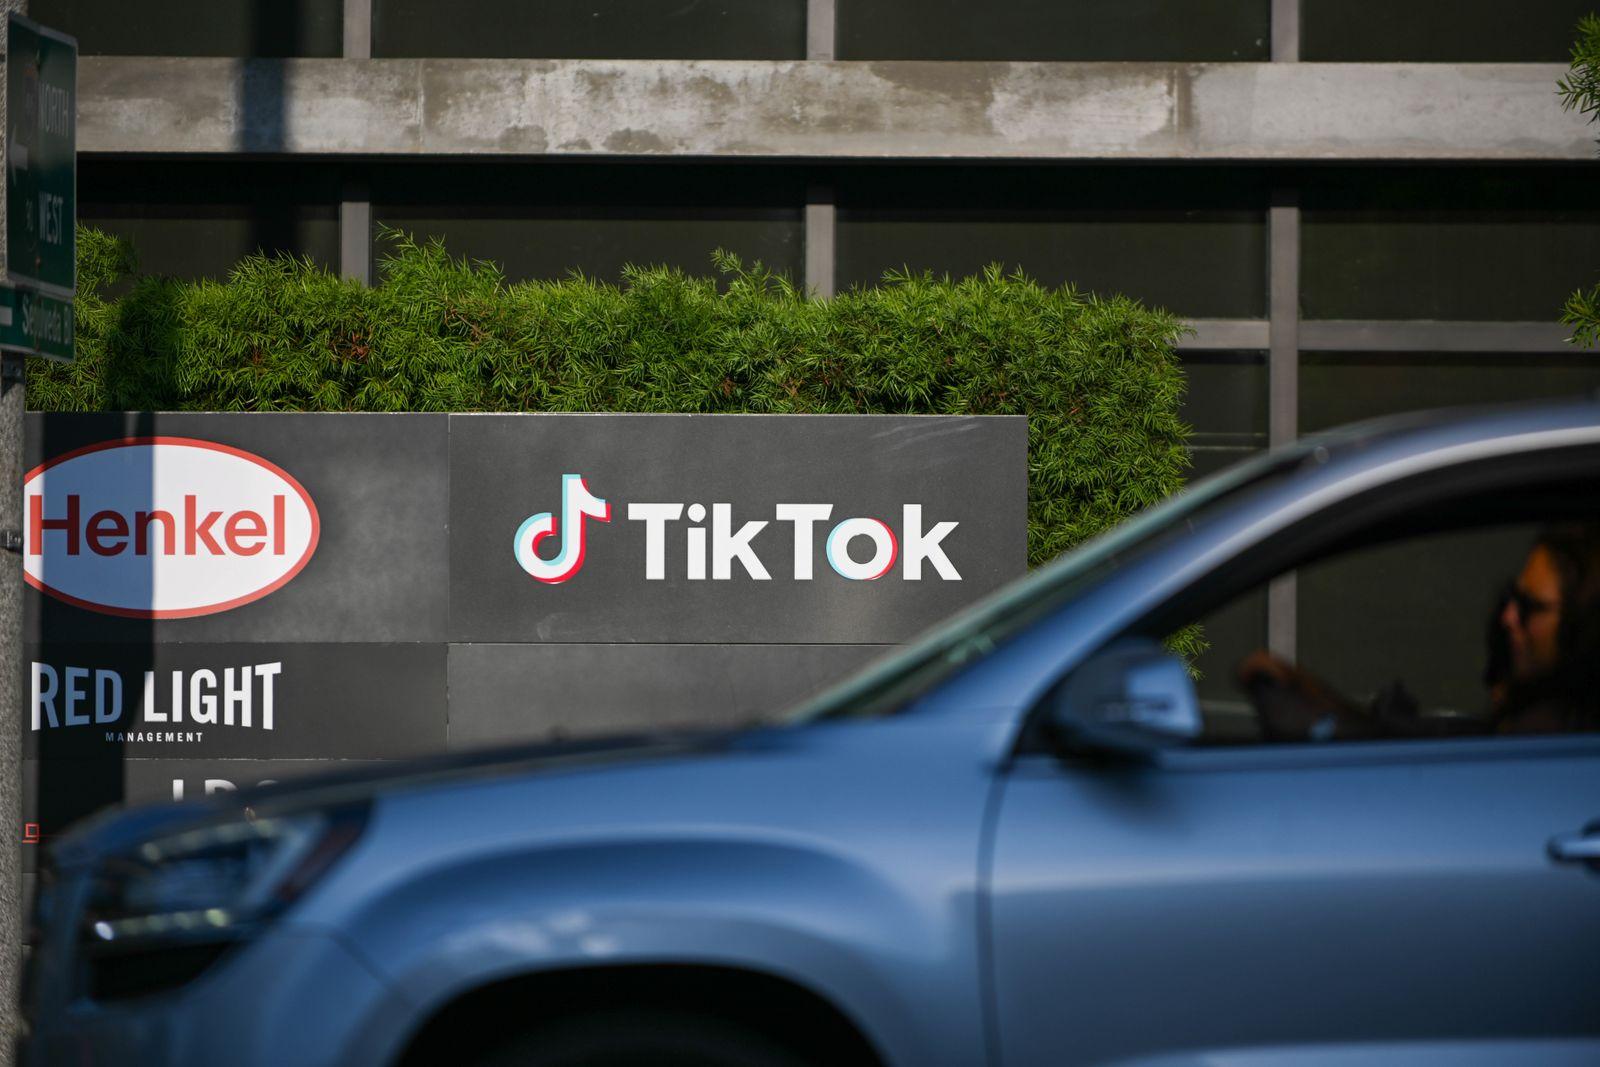 News: TikTok